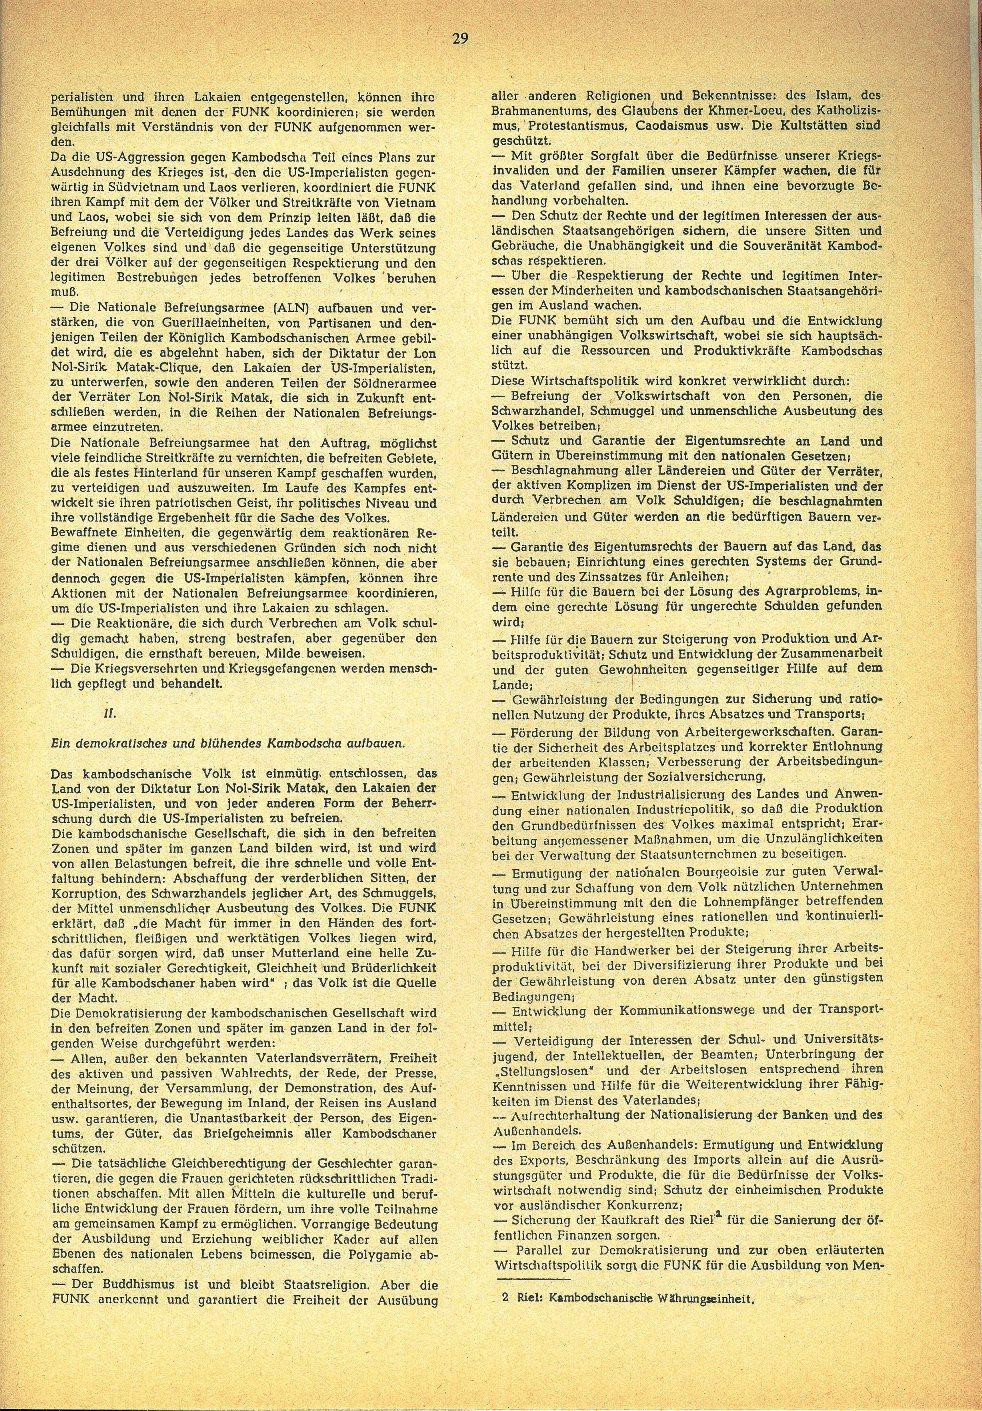 Kambodscha_1974_Das_Volk_besiegt_den_Imperialismus030